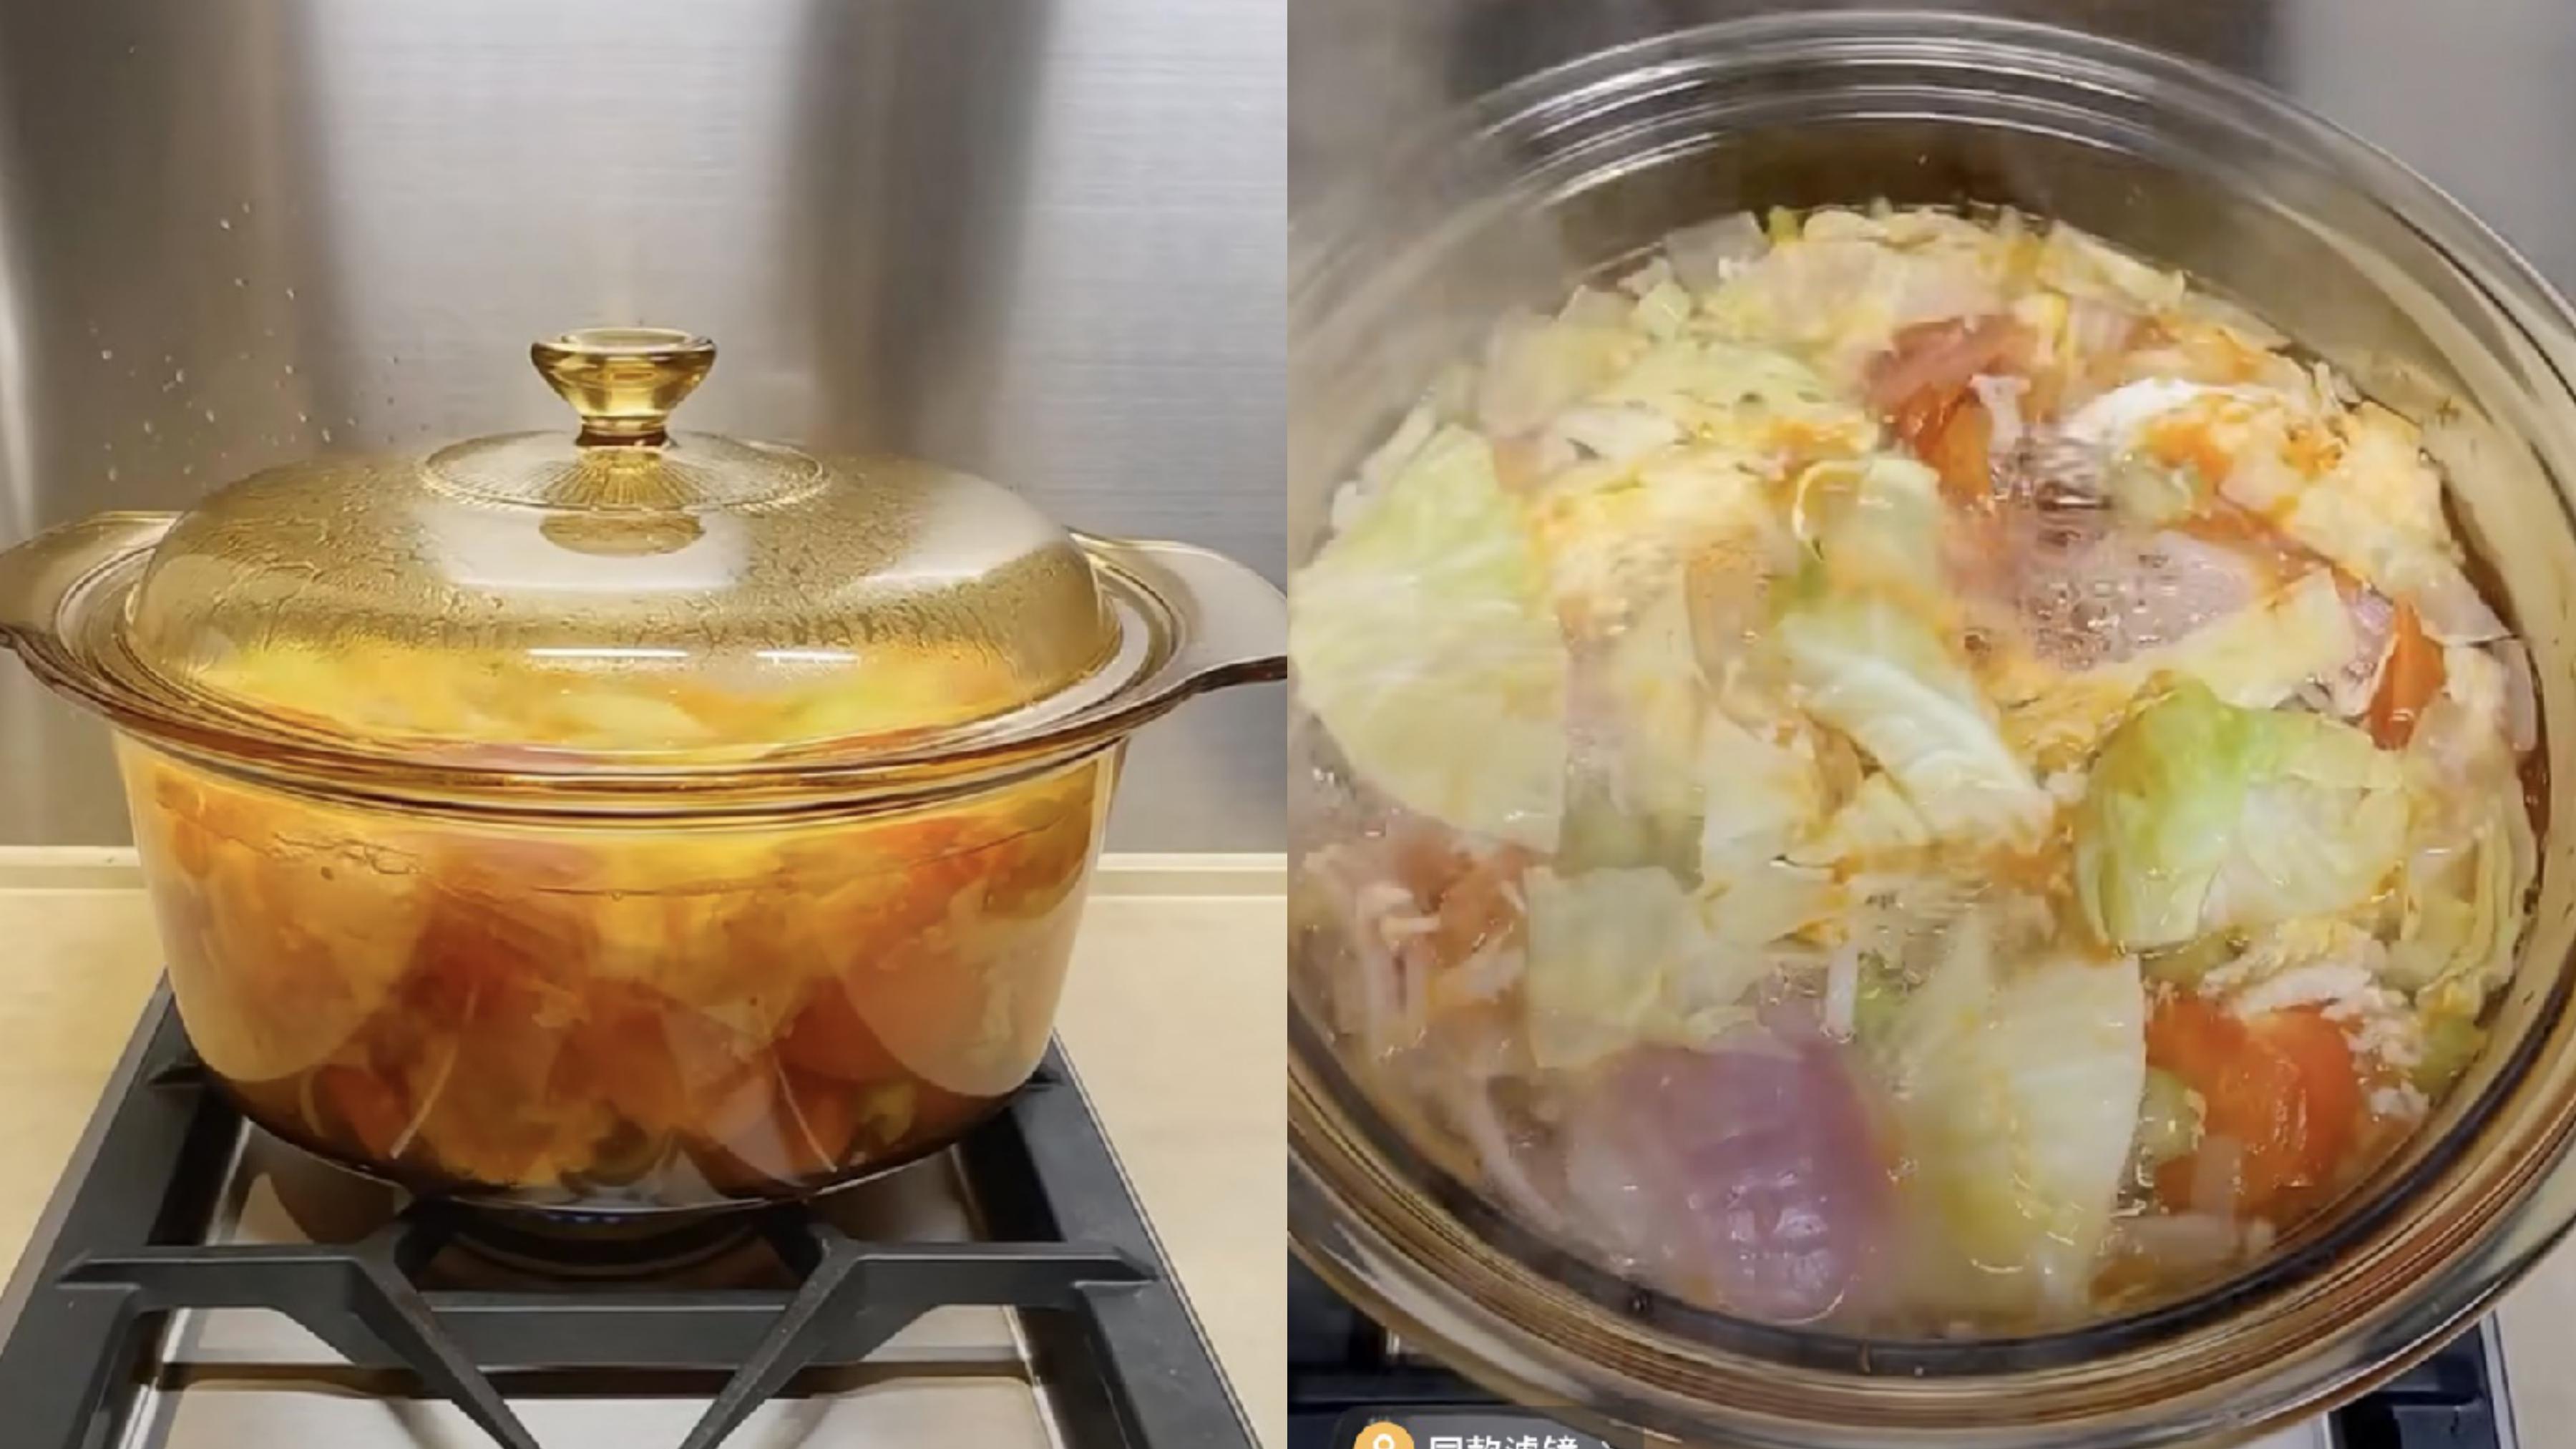 排毒蔬菜湯,清腸胃、並加強身體的新陳代謝,瞬間把所有毒素排出